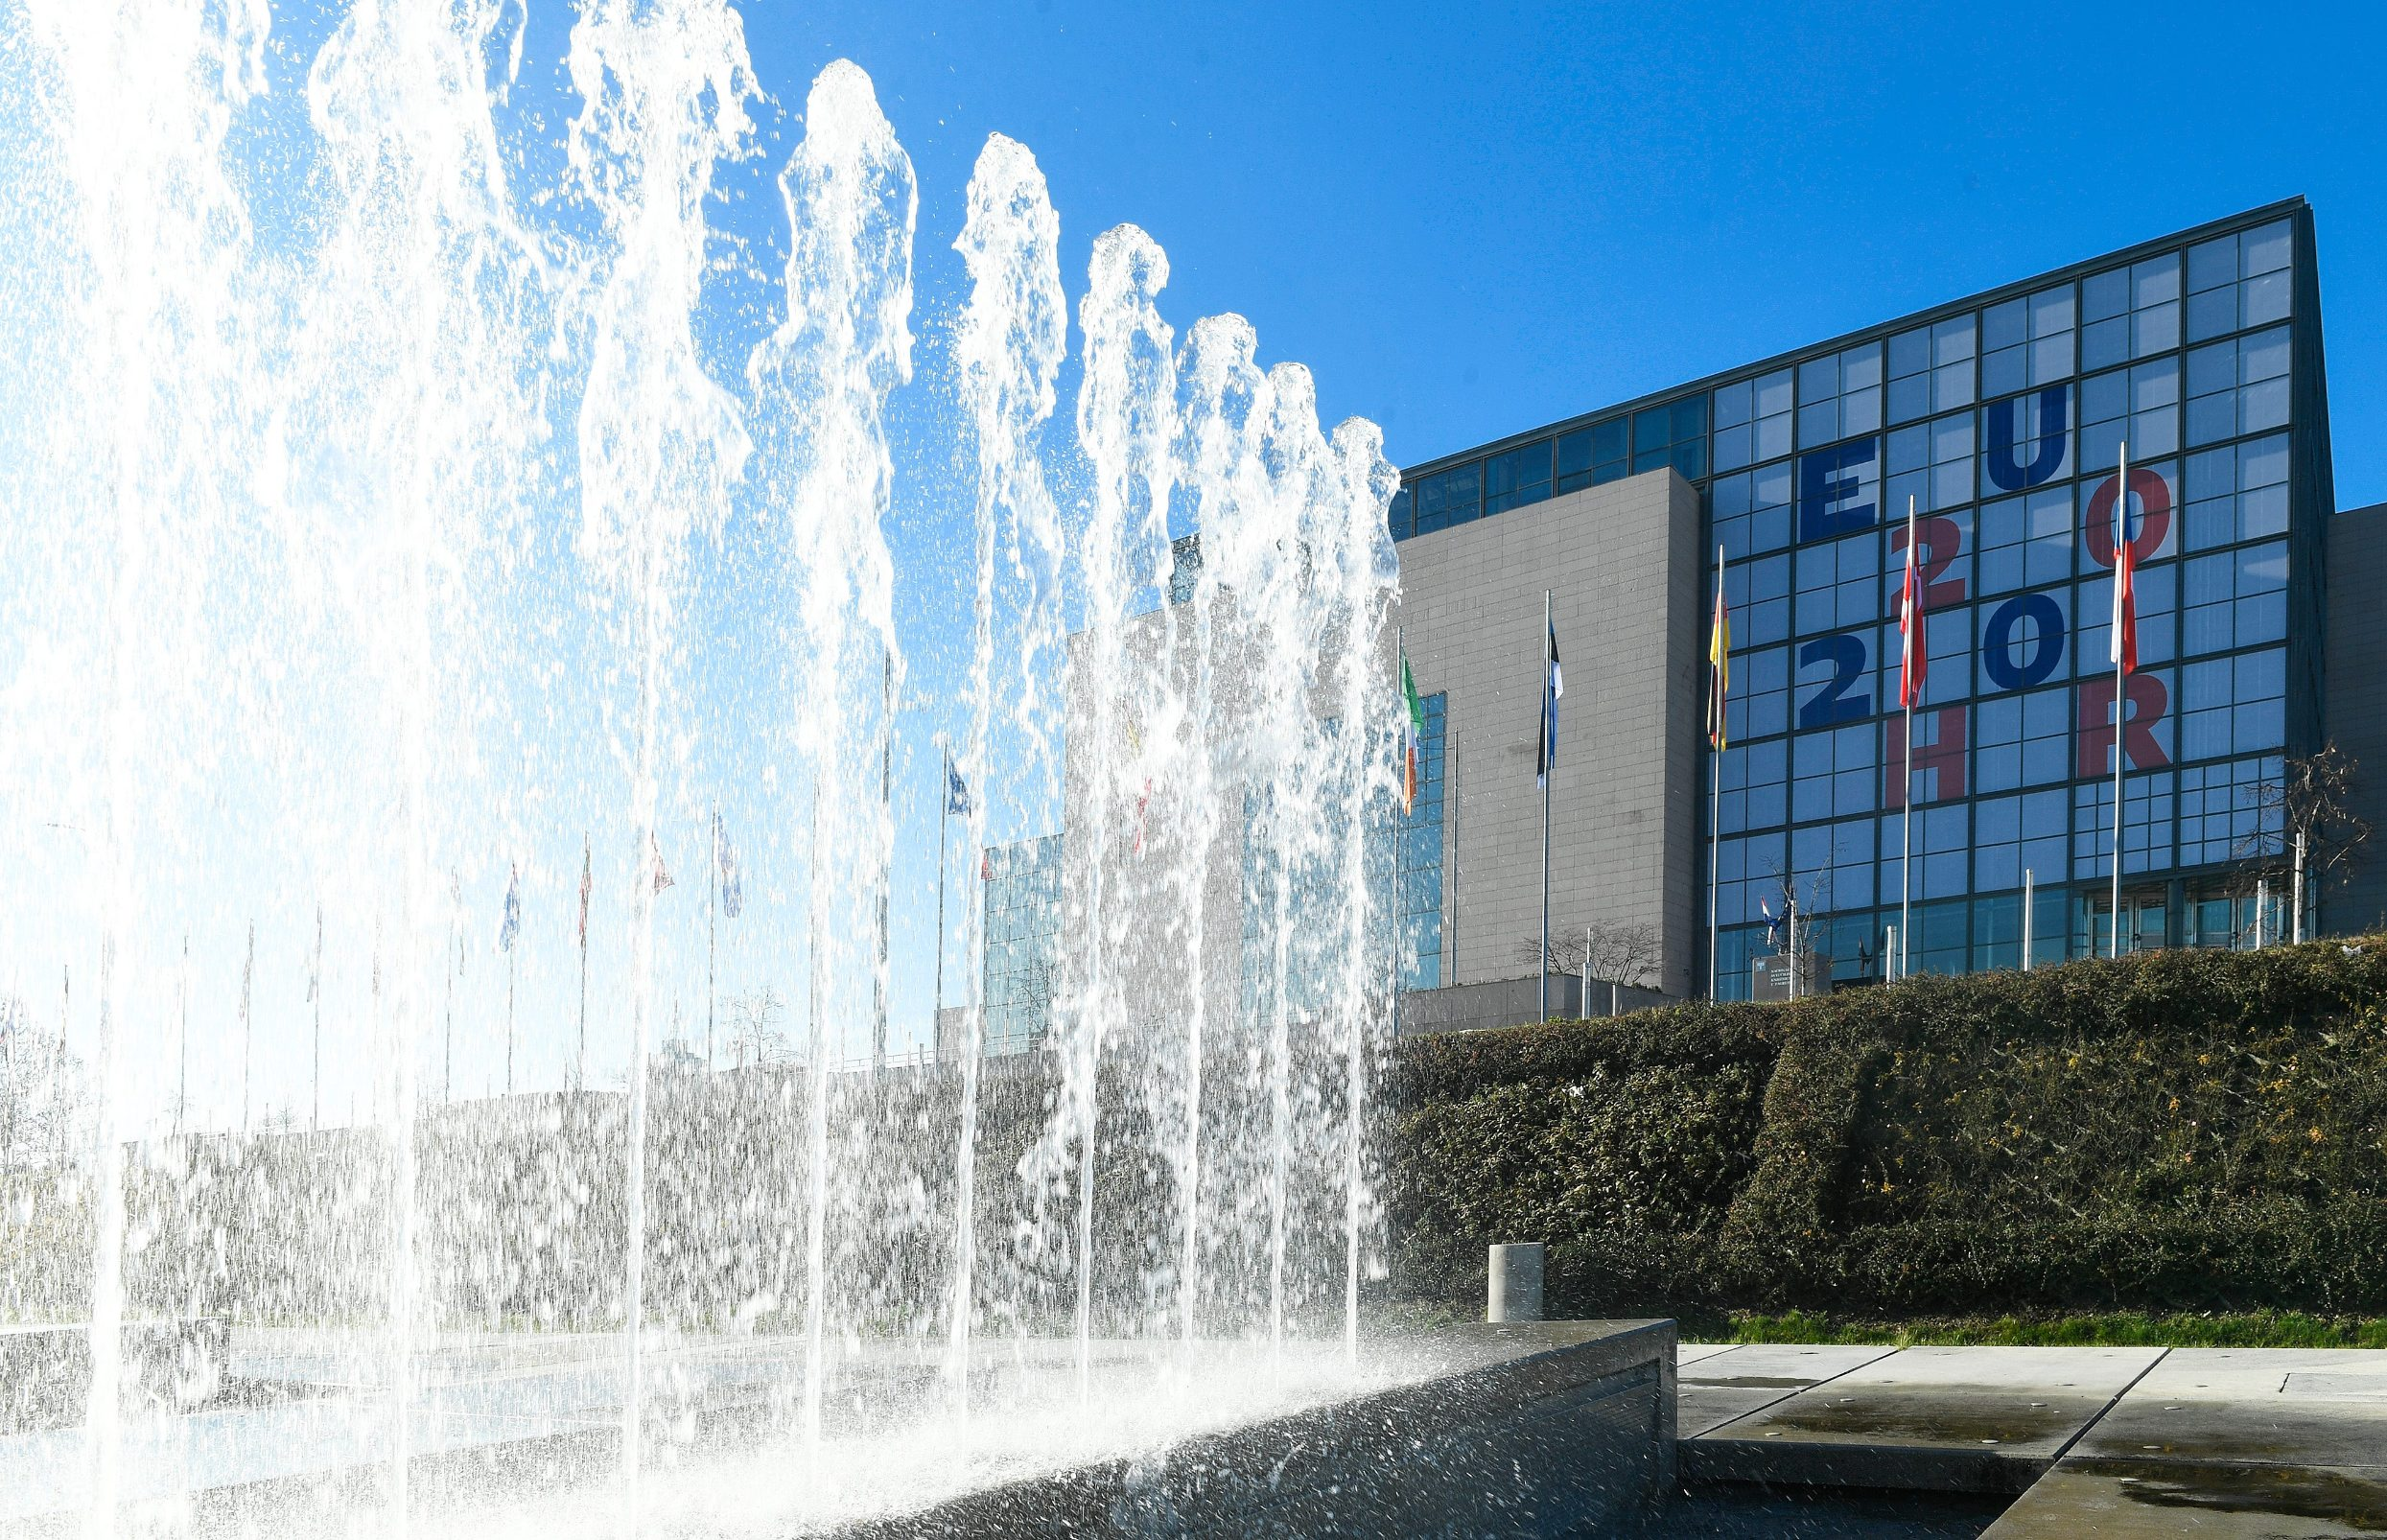 Nacionalna sveučilišna knjižnica bit će sjedište predsjedanja Hrvatske Vijećem EU